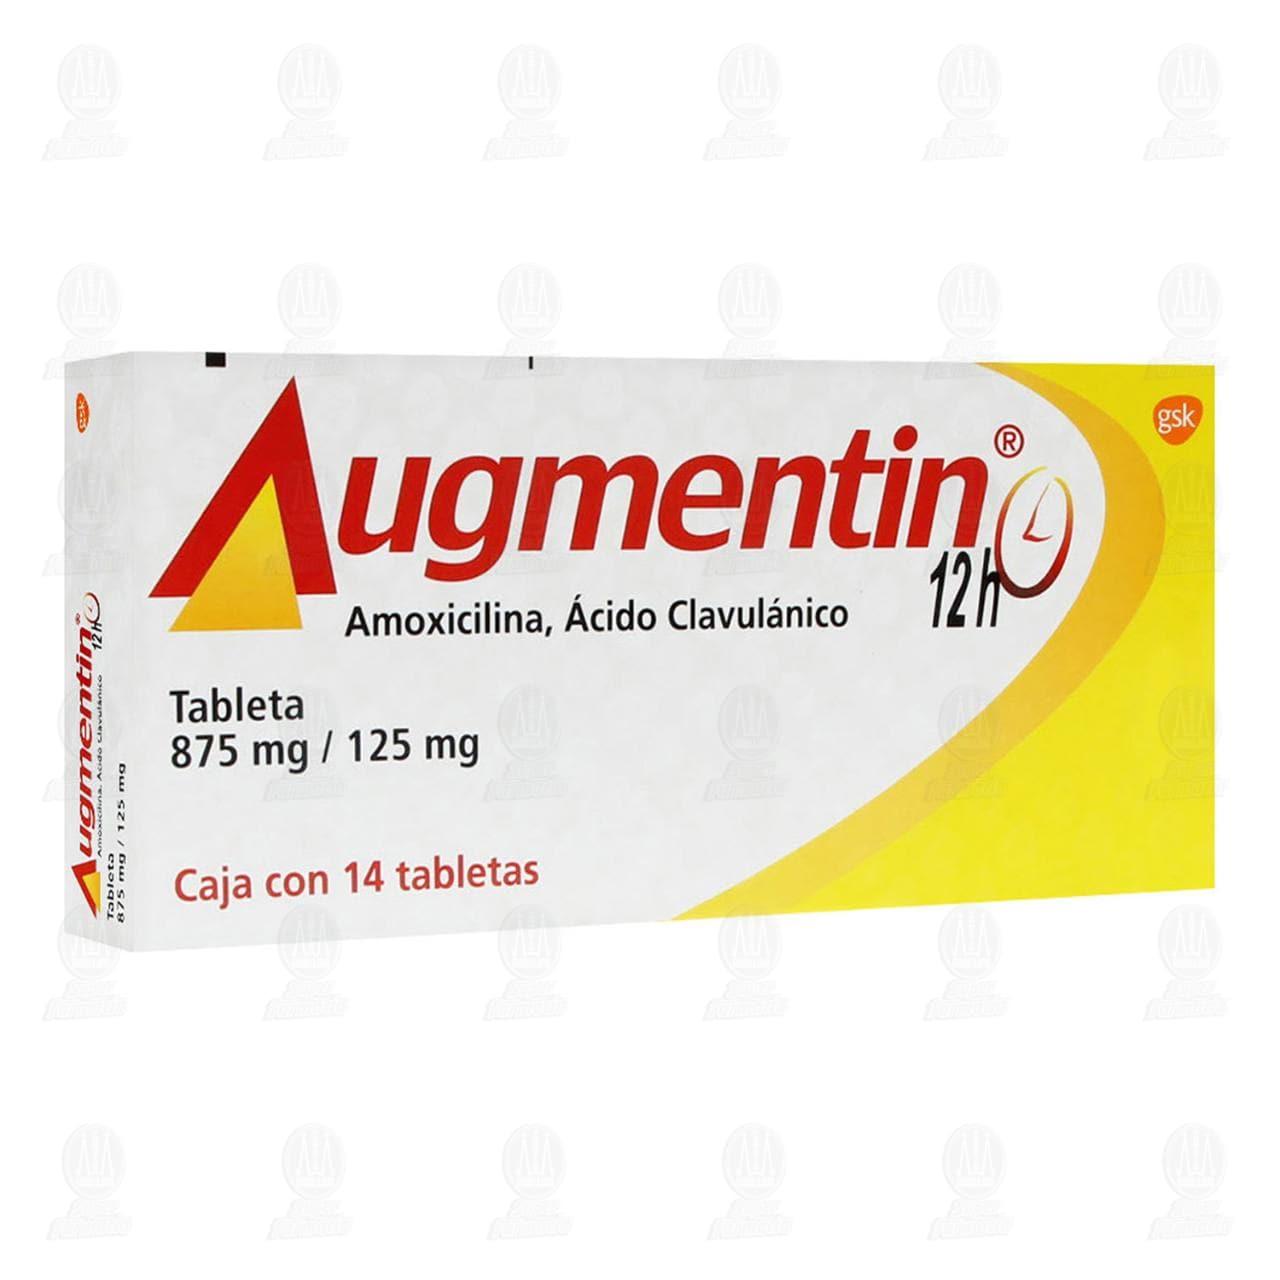 Comprar Augmentin 12 horas 875mg/125mg 14 Tabletas en Farmacias Guadalajara